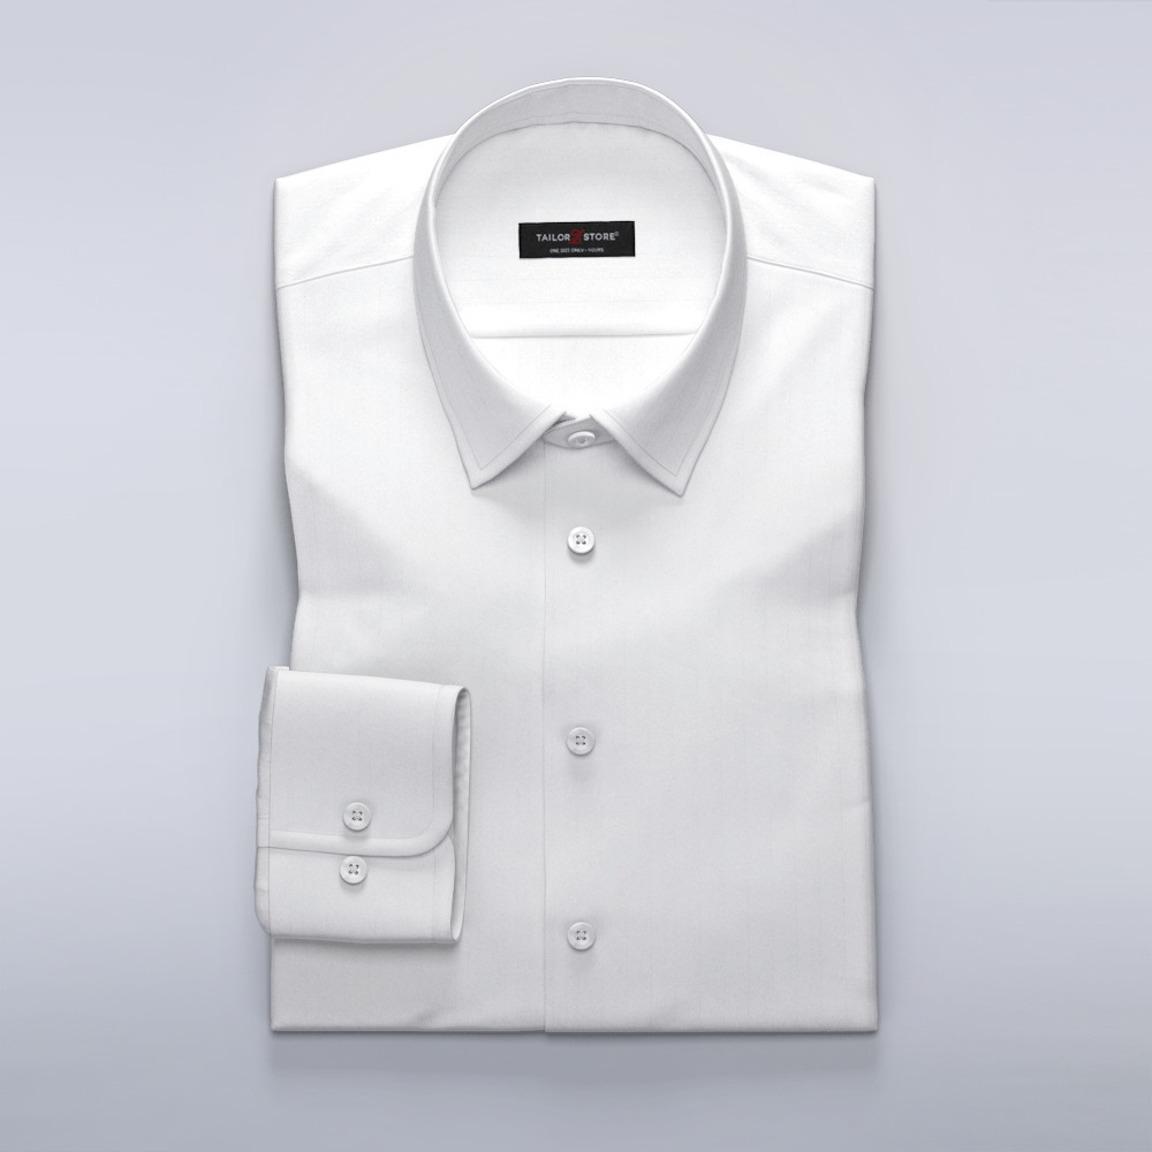 Business-Hemd aus luxuriöser weißer Fischgräten-Webart